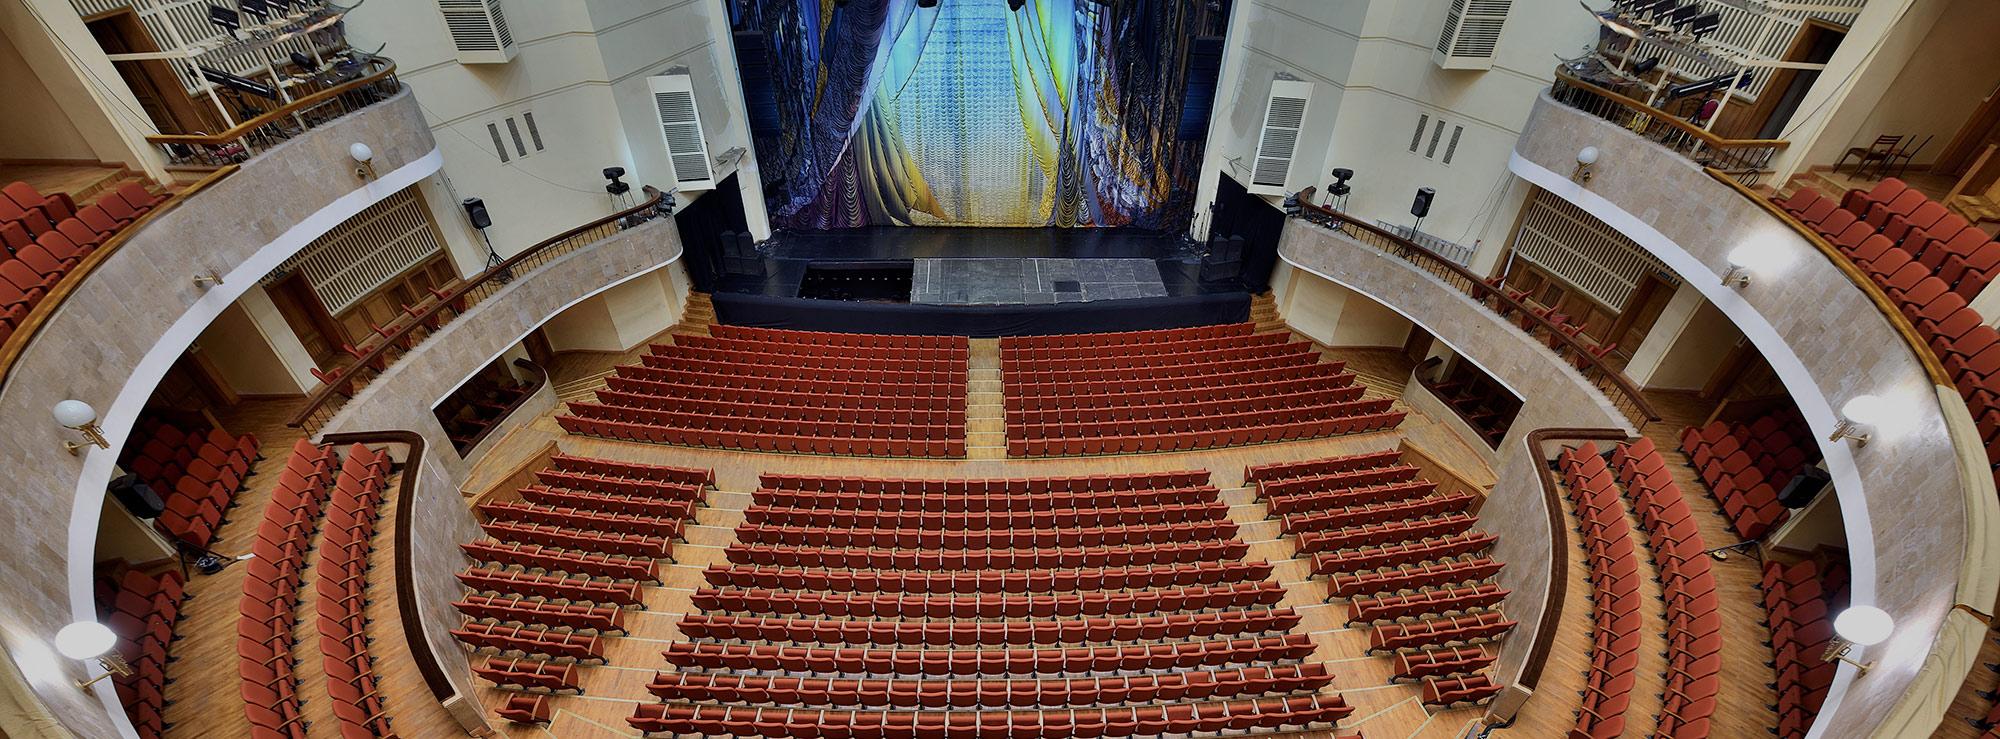 Казино театра мюзик - холл resident игровые автоматы онлайн бесплатно